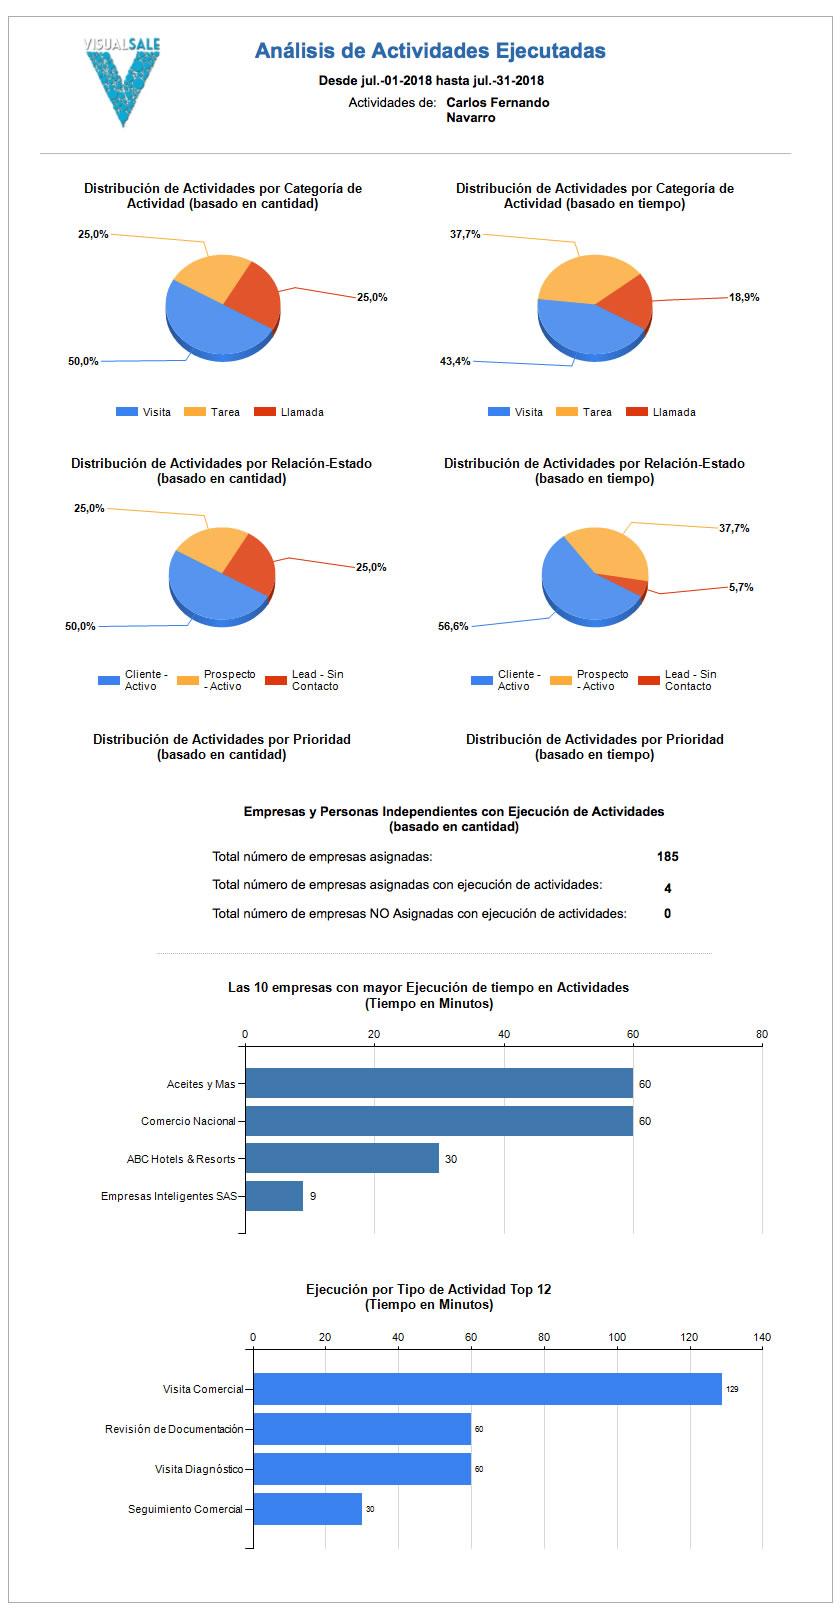 Reporte Ejecutadas VisualSale CRM.jpg